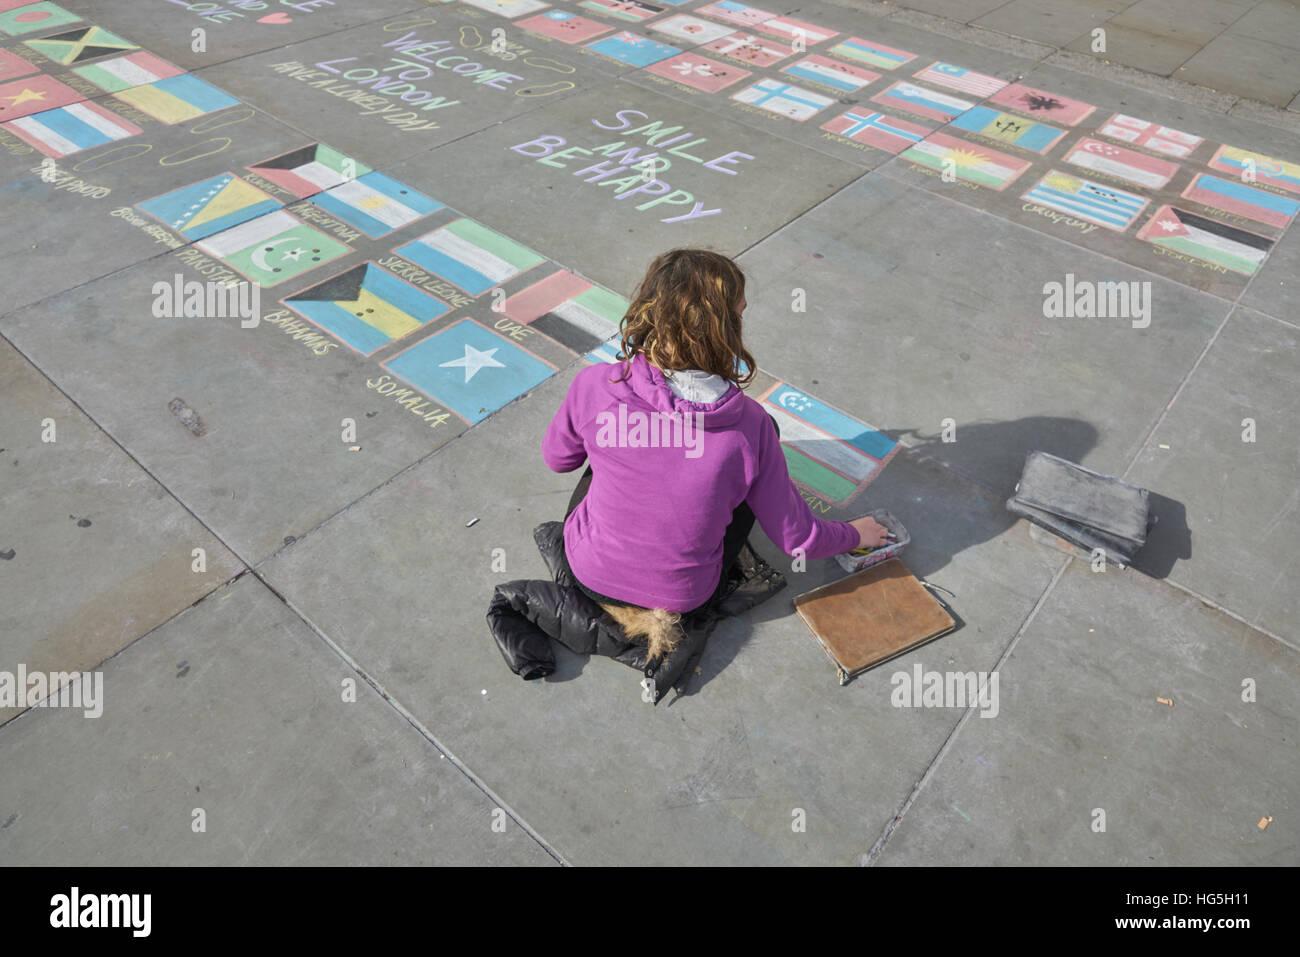 Artiste de la chaussée, les drapeaux nationaux, chalk Photo Stock